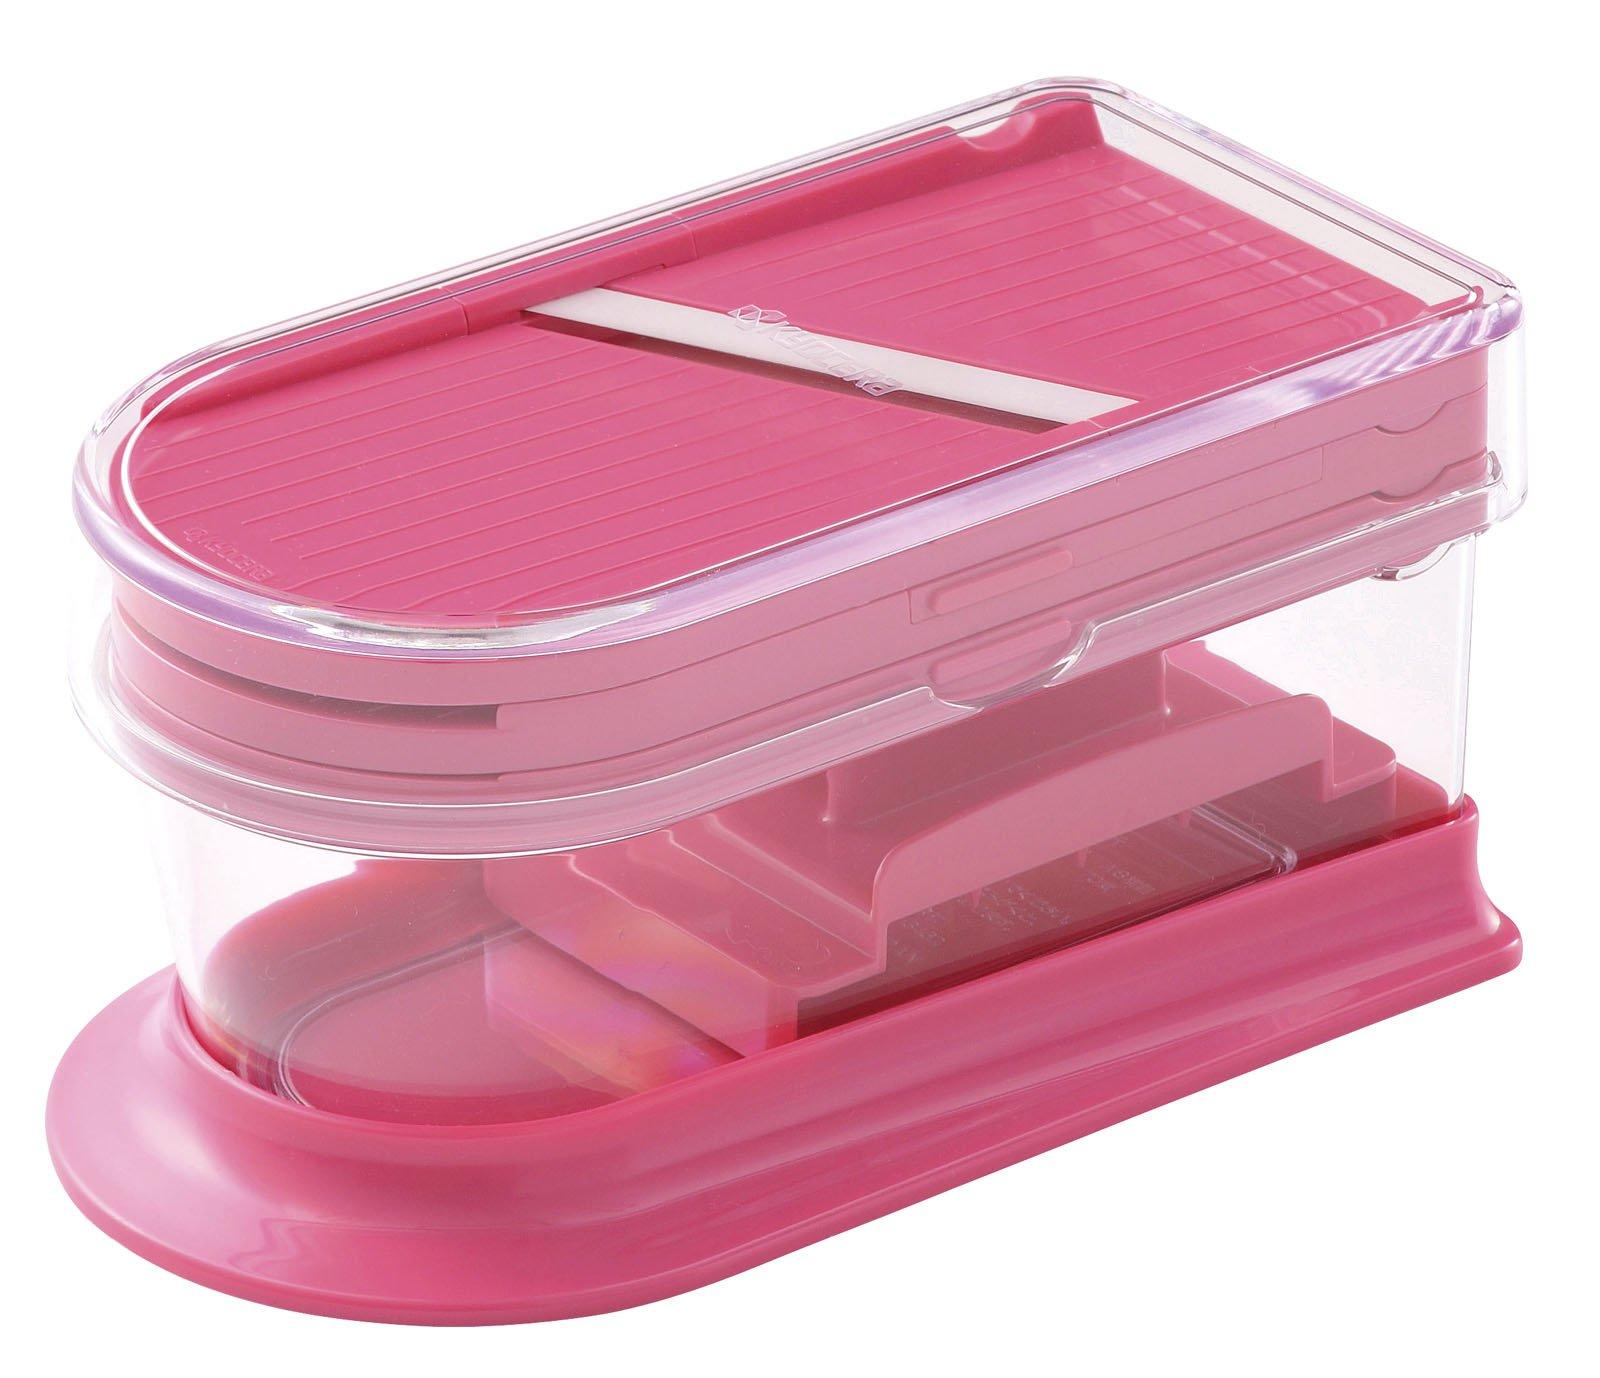 교세라(KYOCERA) 세라믹 핑크 키친 시리즈 세라믹 콤팩트 조리기 세트 CS-350-PK